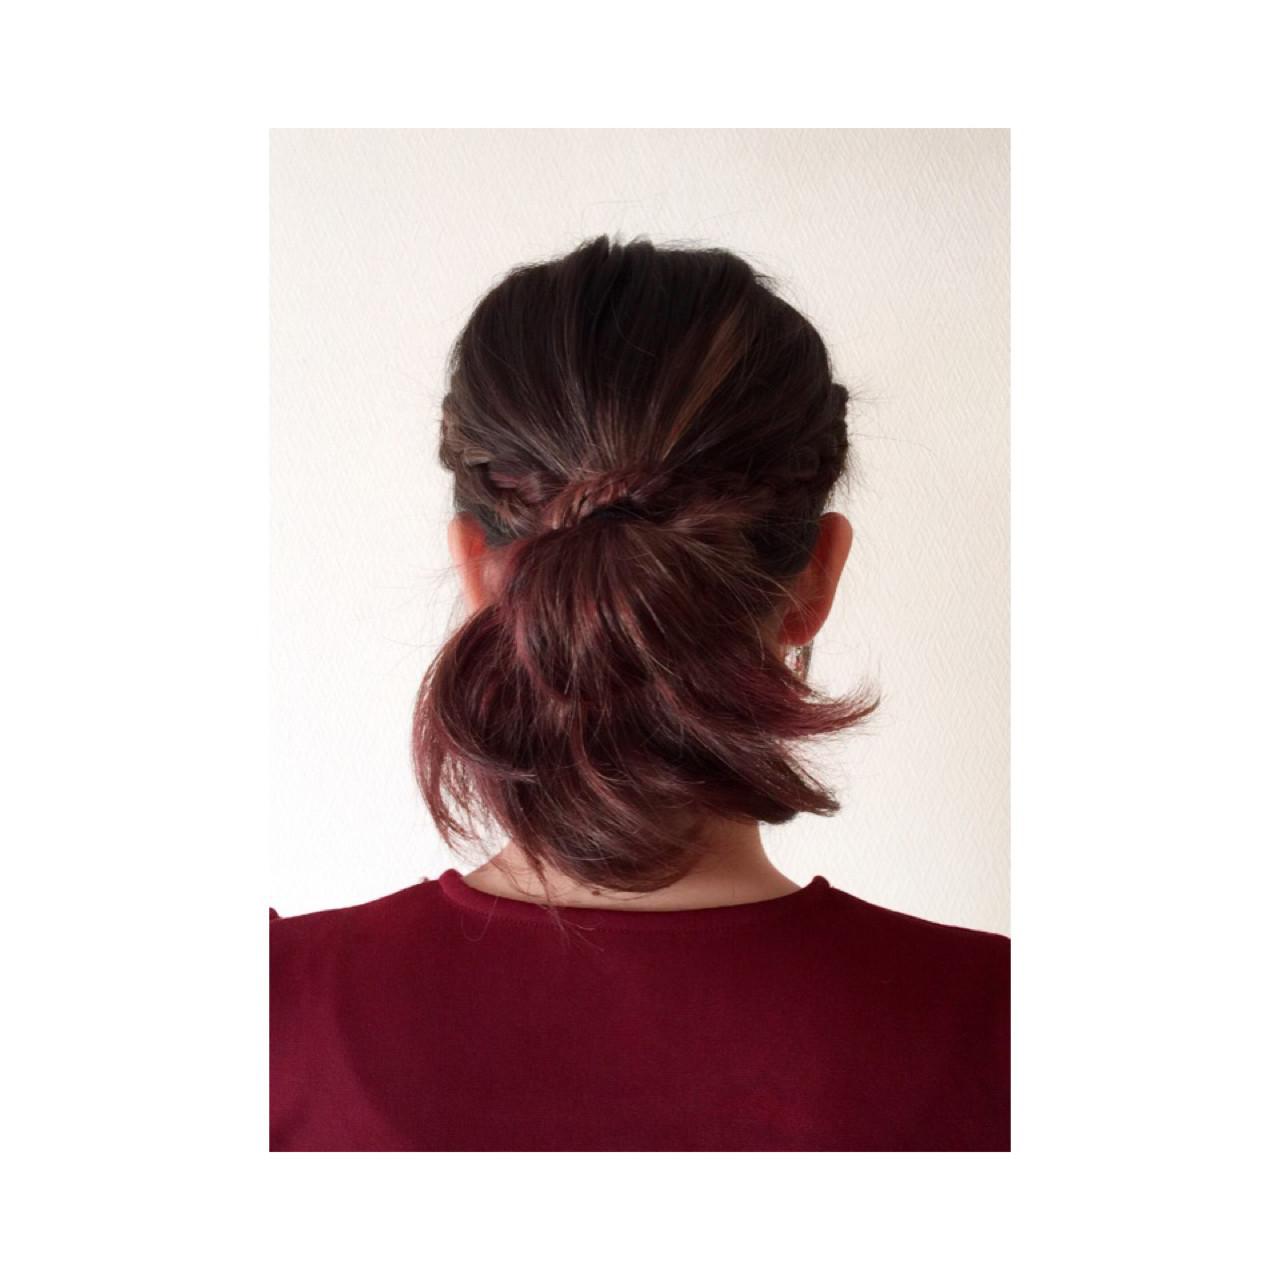 編み込みヘアアレンジが自分でできちゃう♡簡単な方法レッスン yurika